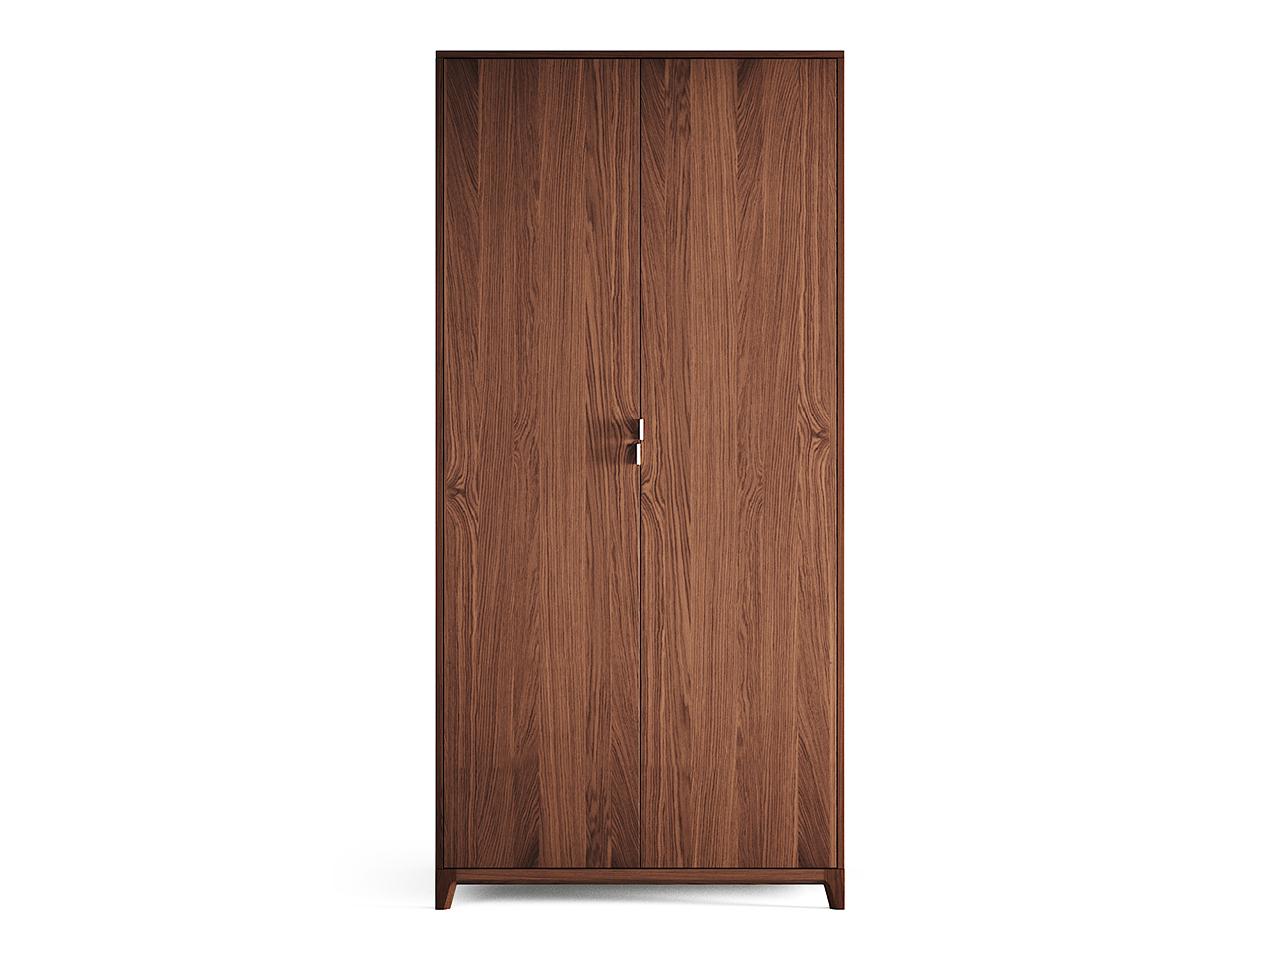 Шкаф Case №3 (тобакко)Платяные шкафы<br>Компактный шкаф CASE №3 сочетает в себе продуманную структуру и современный дизайн впишется даже в самое небольшое уютное помещение. Внутри комфортно расположены полки и штанги для вешалок, сплошная перфорация позволяет устанавливать полки в удобном положении.&amp;lt;div&amp;gt;&amp;lt;br&amp;gt;&amp;lt;/div&amp;gt;&amp;lt;div&amp;gt;Материал: массив дуба, МДФ, ДСП, эмаль, лак&amp;lt;br&amp;gt;&amp;lt;/div&amp;gt;<br><br>Material: Дуб<br>Ширина см: 100.0<br>Высота см: 210.0<br>Глубина см: 60.0